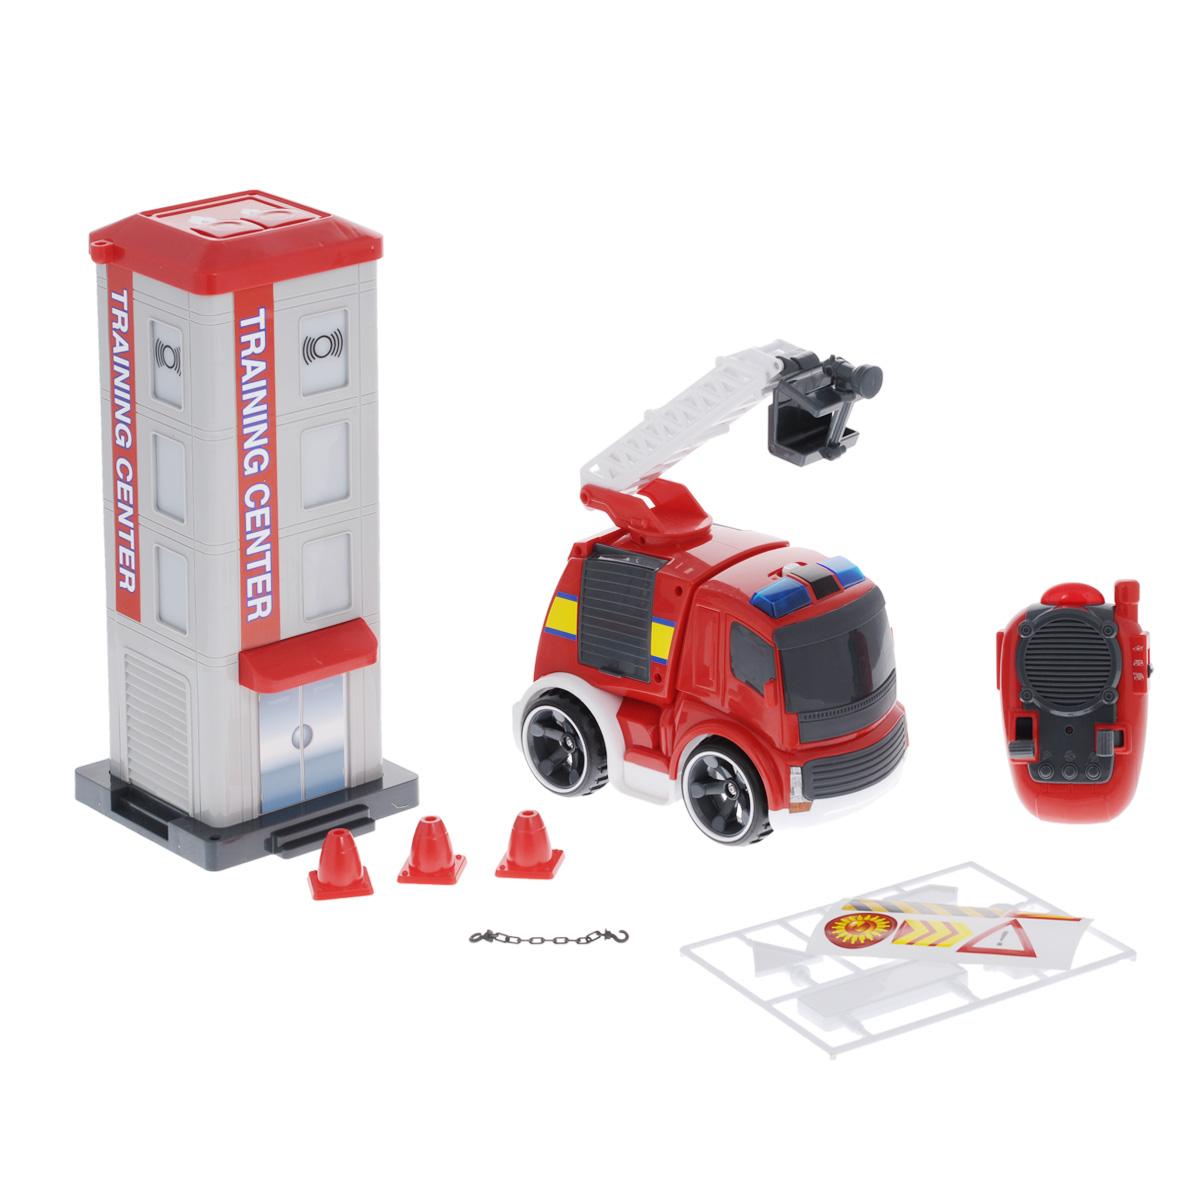 Silverlit Игровой набор на радиоуправлении Потуши горящее здание - Радиоуправляемые игрушки